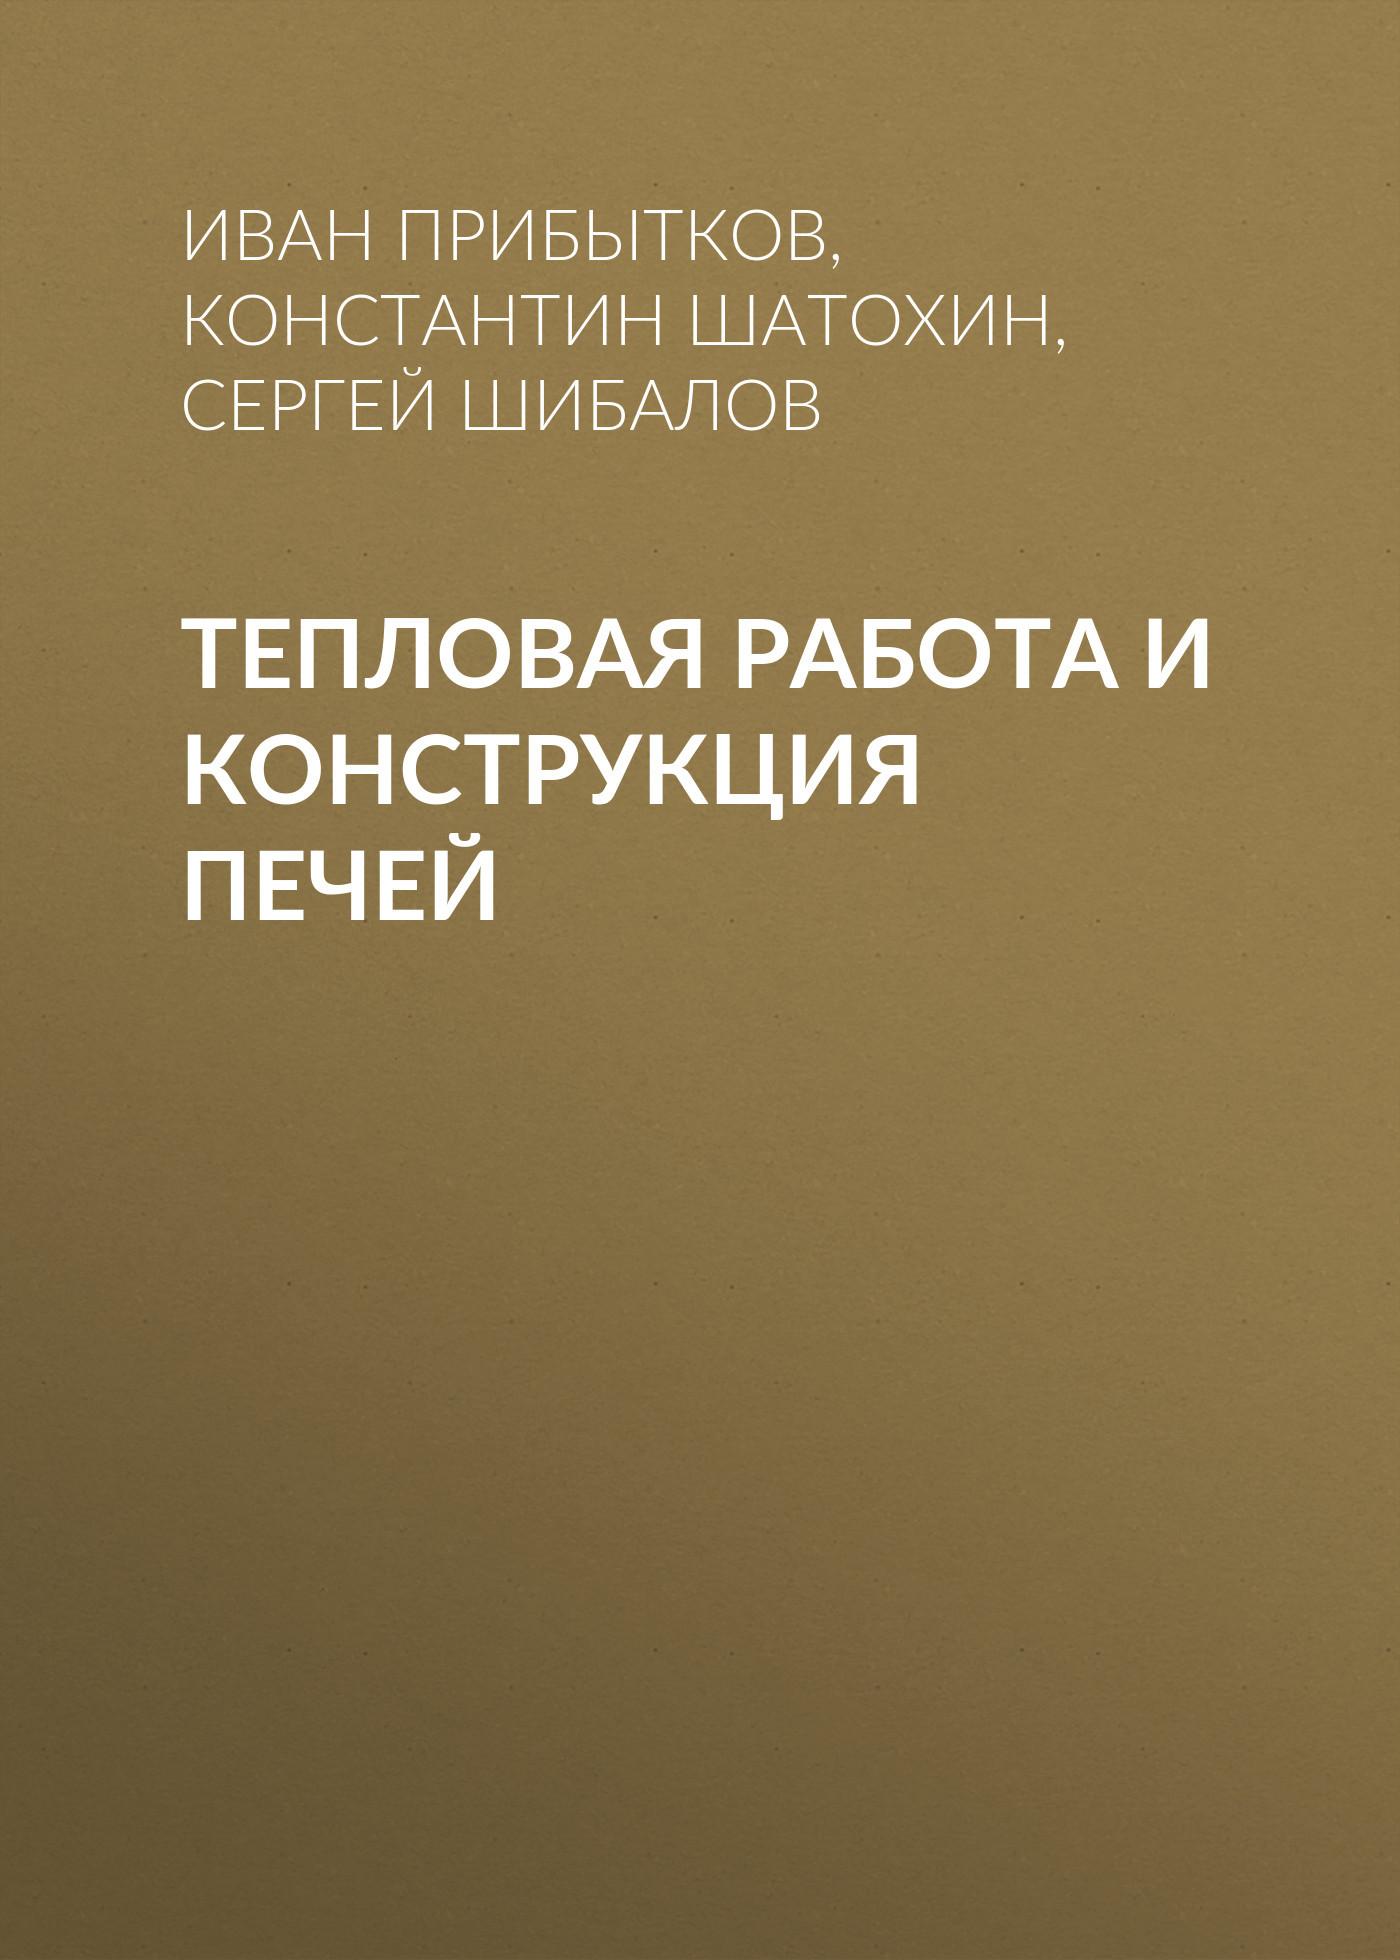 Константин Шатохин Тепловая работа и конструкция печей